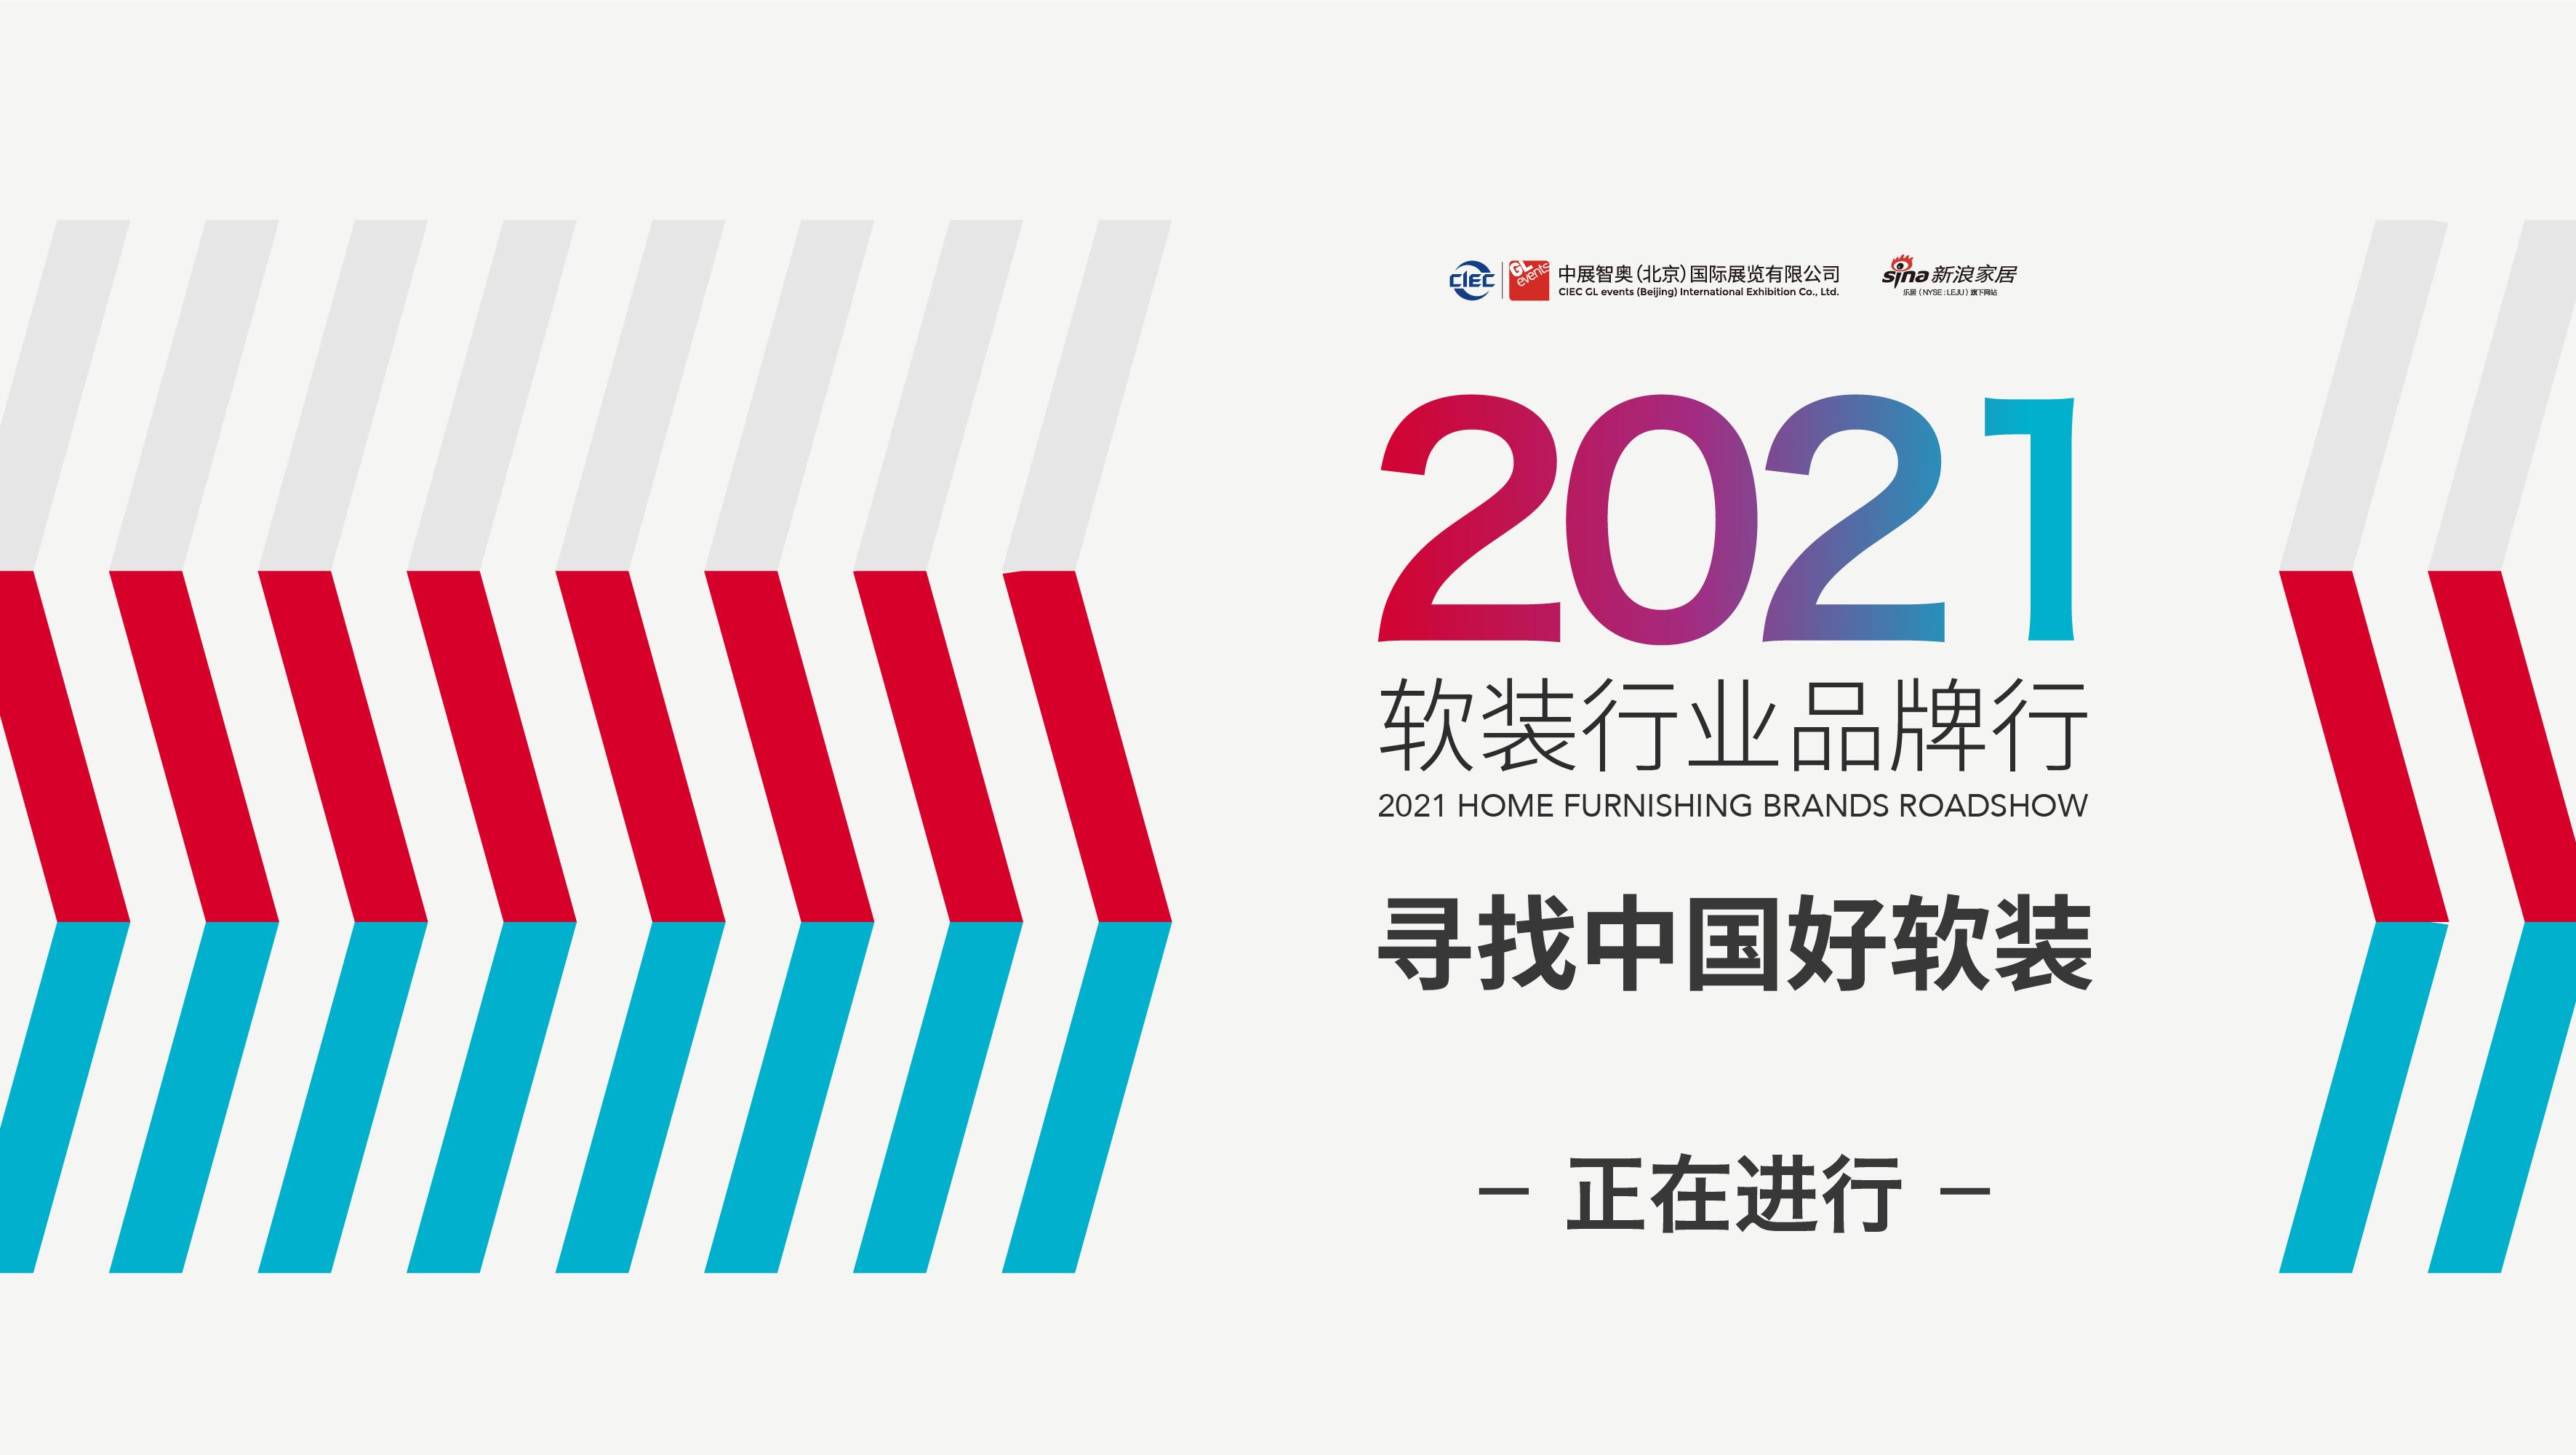 2021软装行业品牌行——寻找中国好软装正在进行